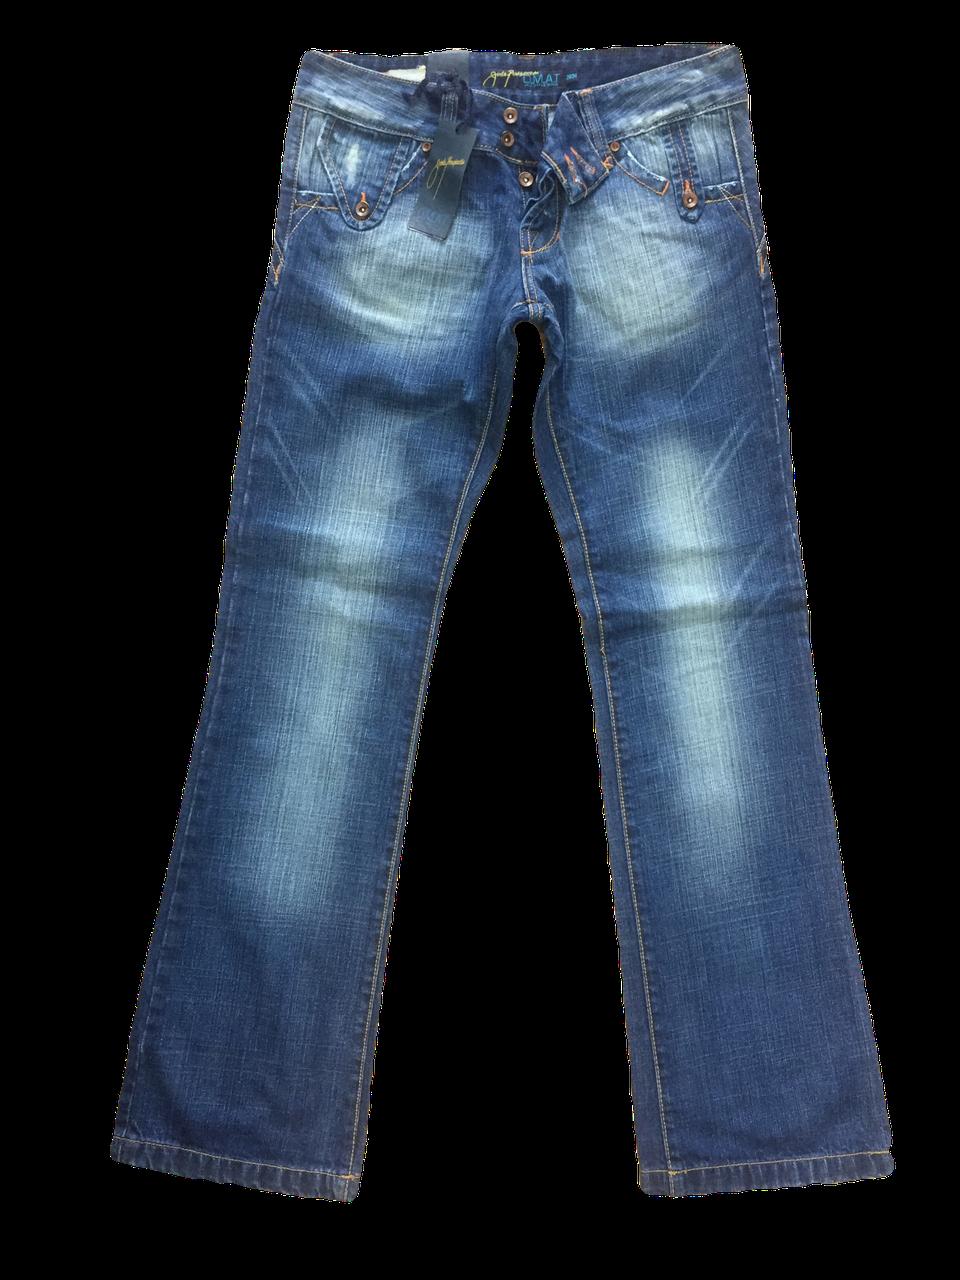 Женские джинсы OMAT клёш от колена купить в Киеве